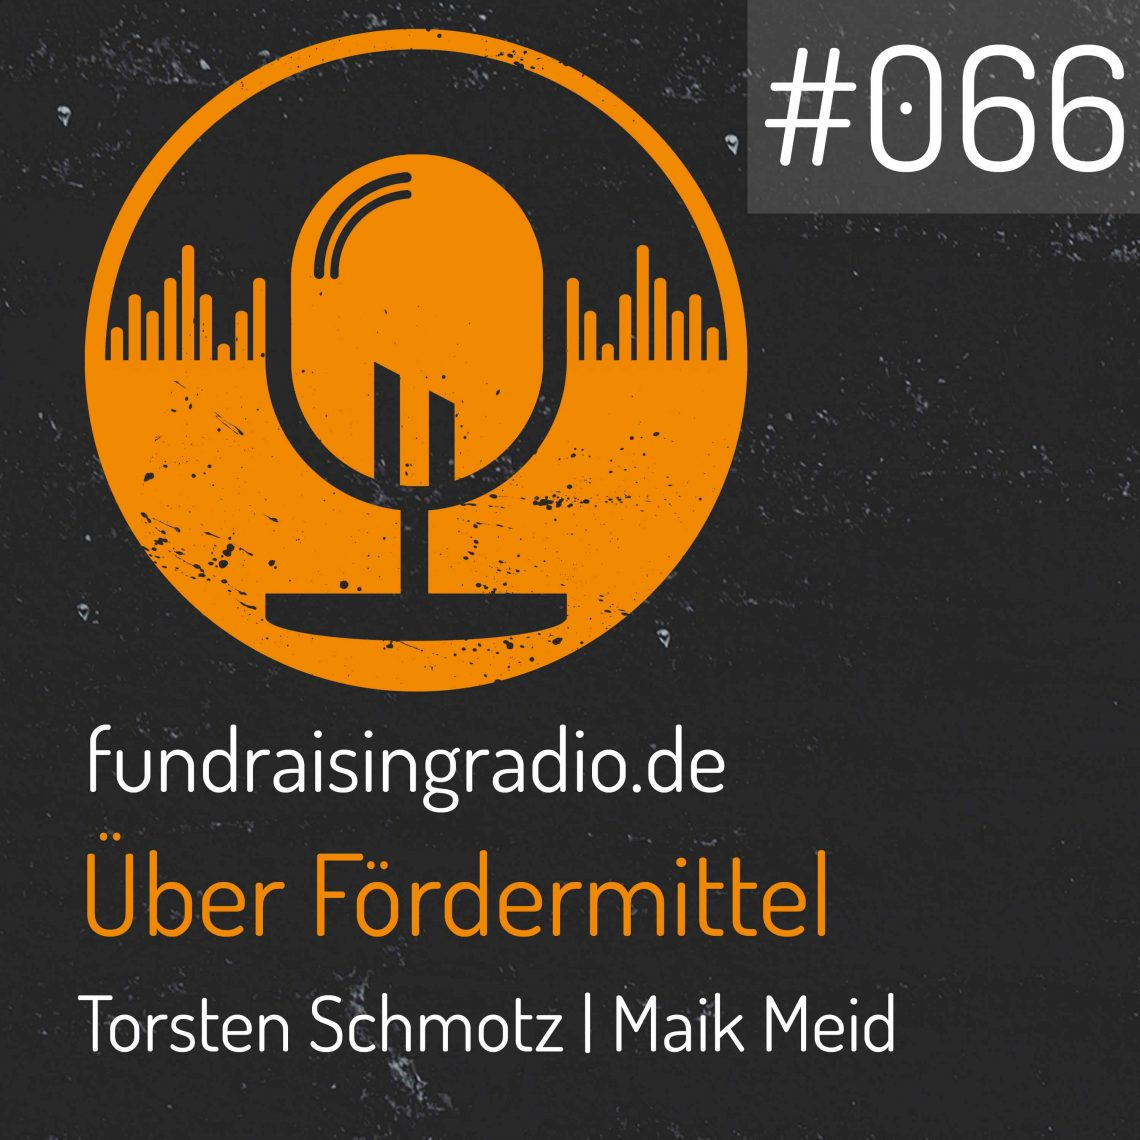 FRR066: Über Fördermittel im Fundraising